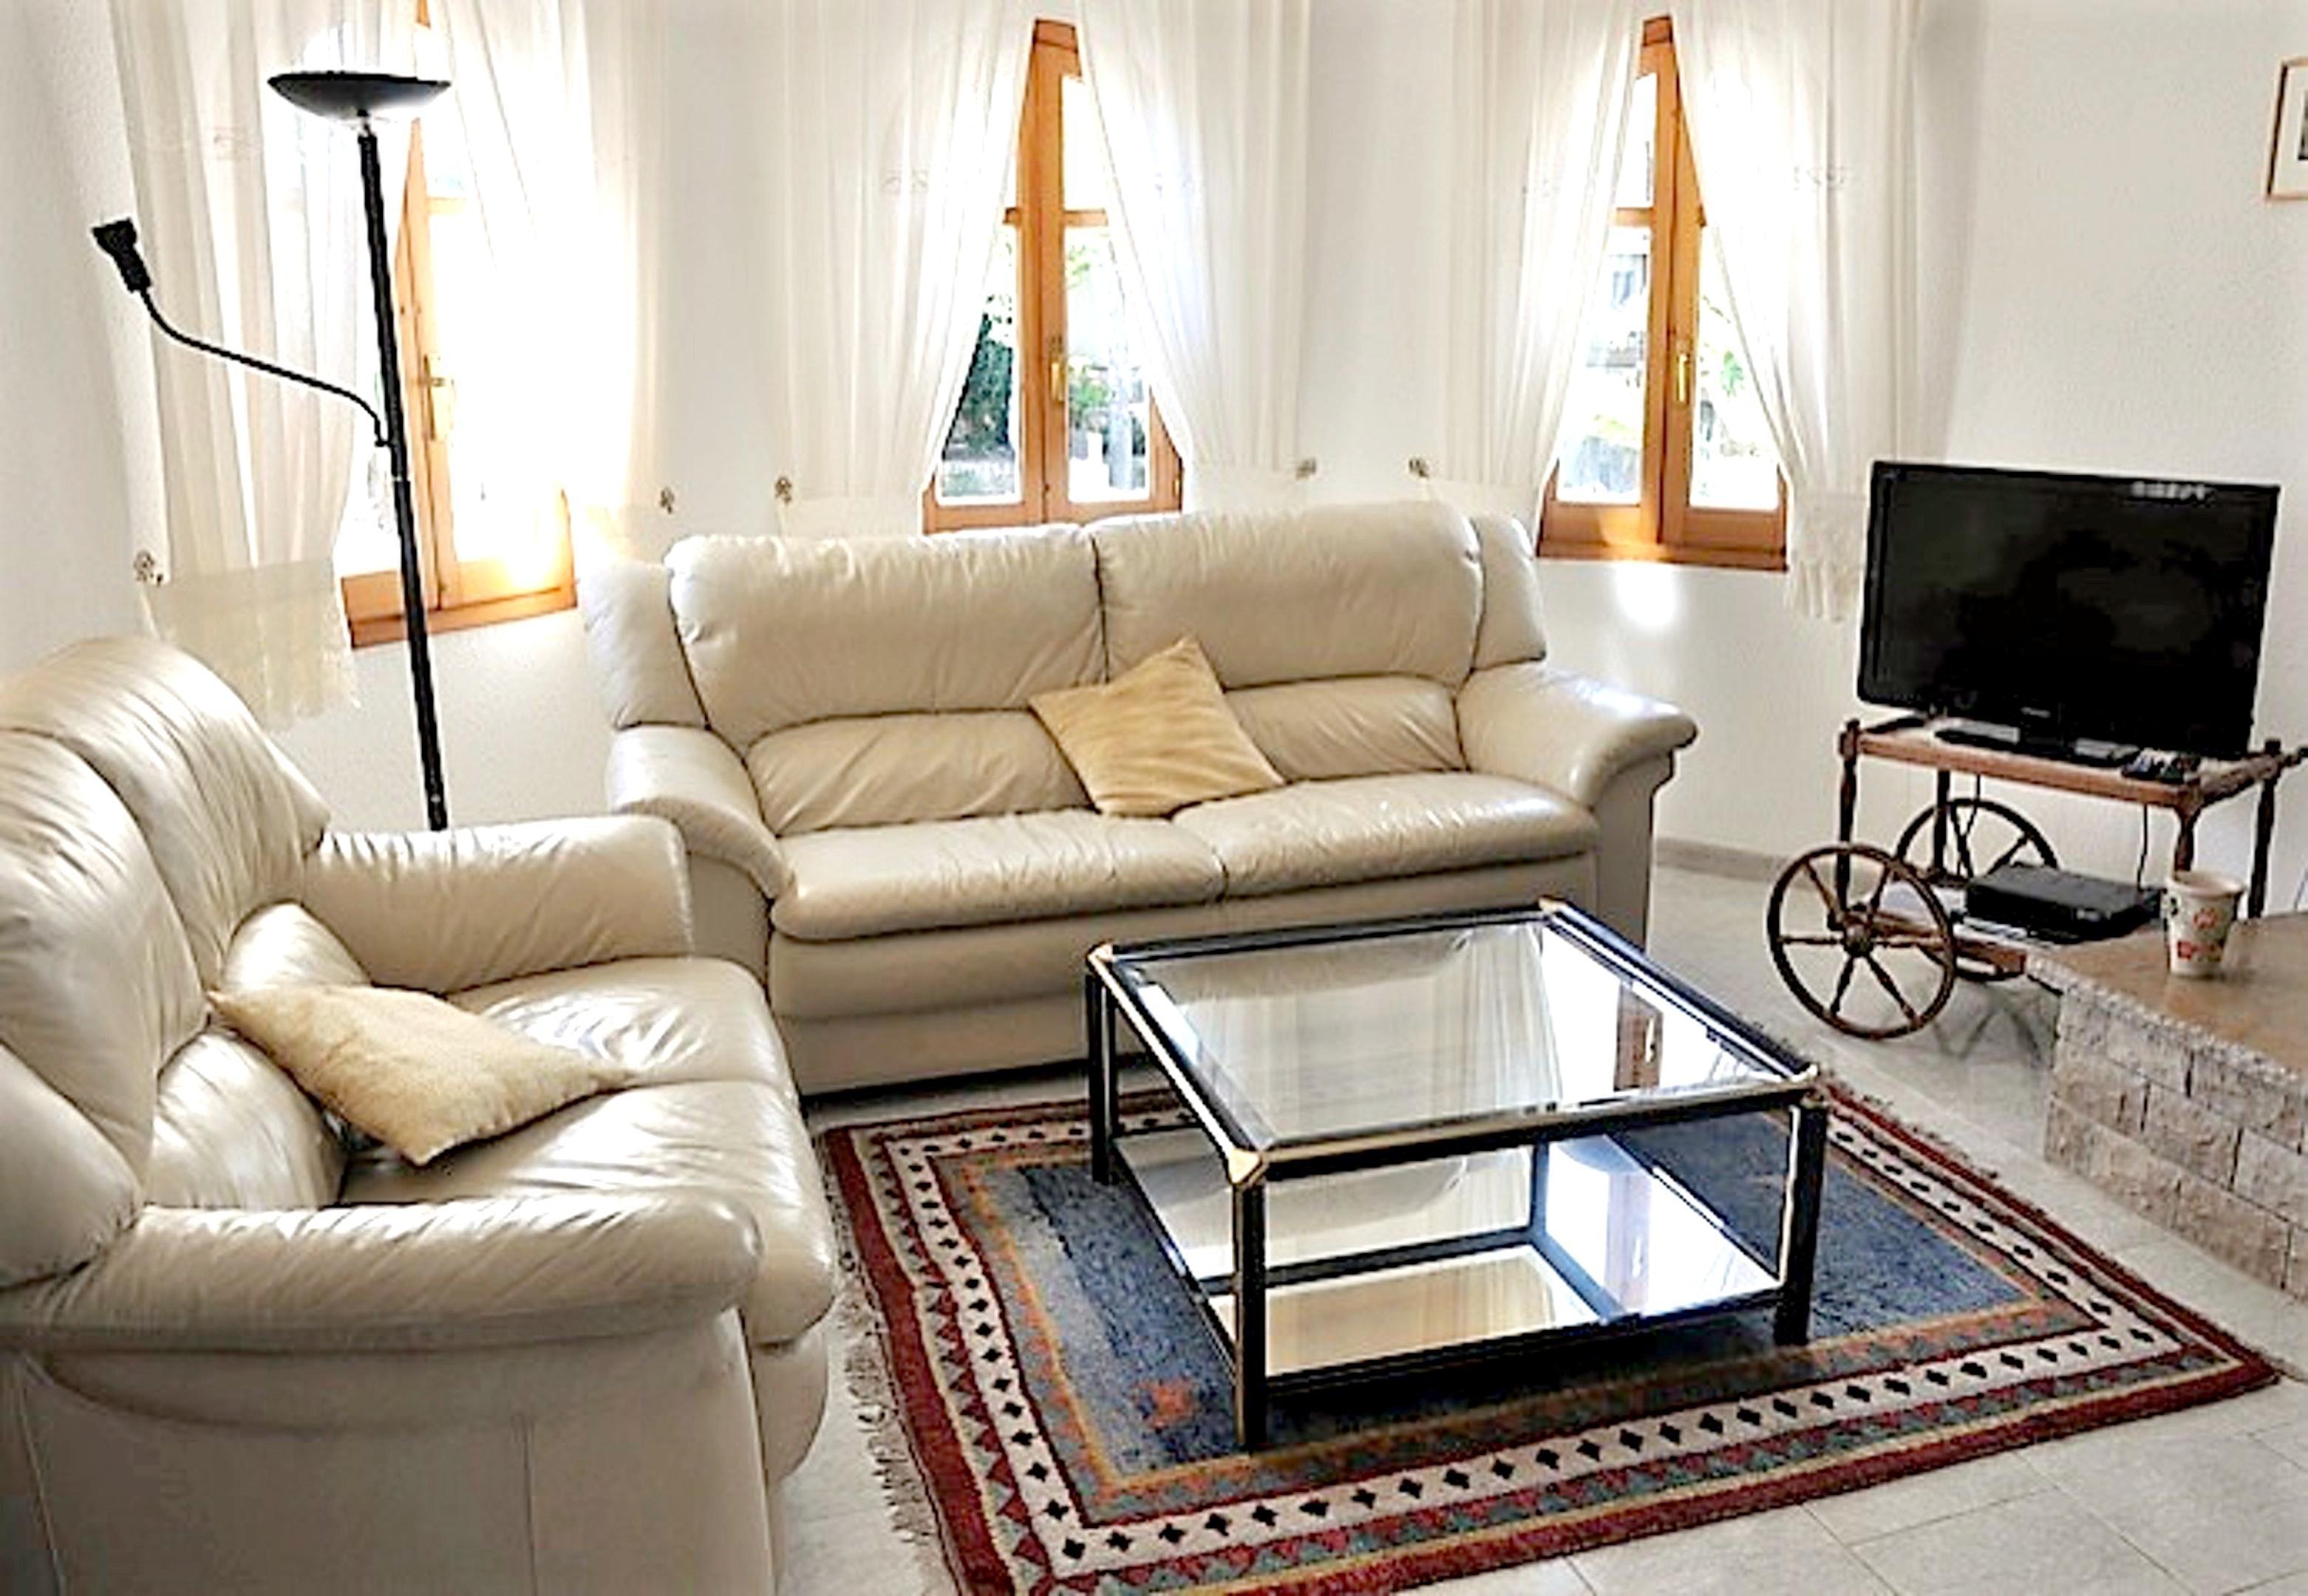 Ferienhaus Villa mit 3 Schlafzimmern in Ampolla mit herrlichem Meerblick, privatem Pool, möbliertem G (2201036), L'Ampolla, Costa Dorada, Katalonien, Spanien, Bild 18